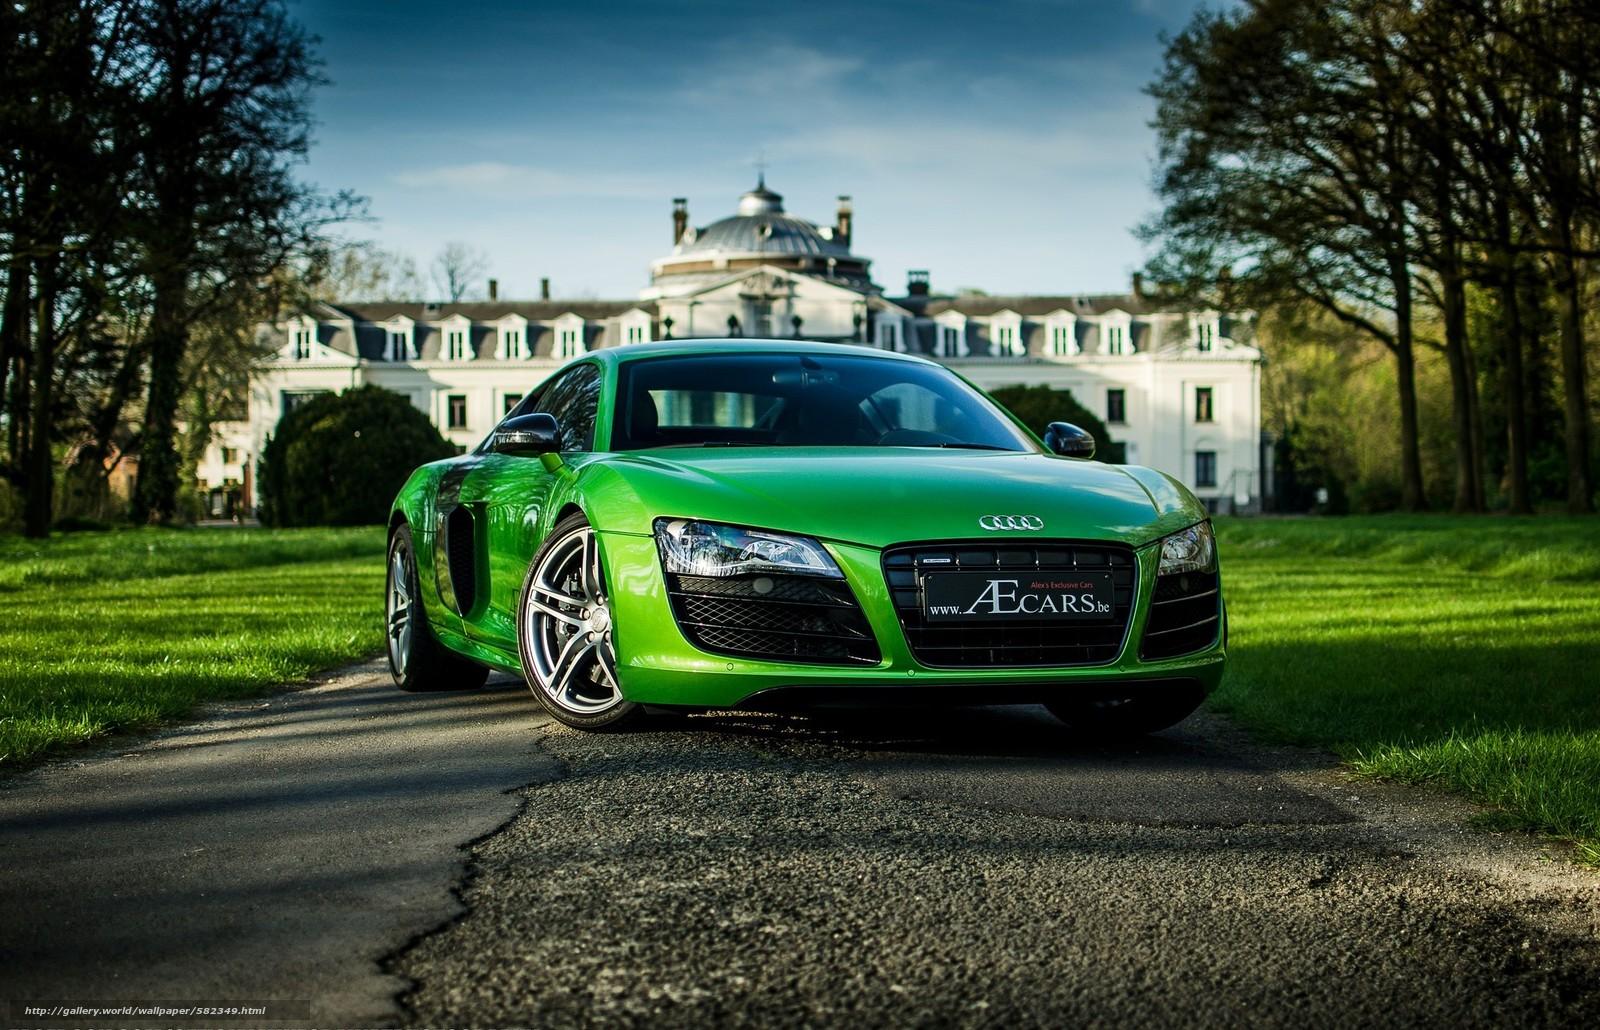 Скачать обои Audi,  зеленый,  деревья,  небо бесплатно для рабочего стола в разрешении 2048x1319 — картинка №582349